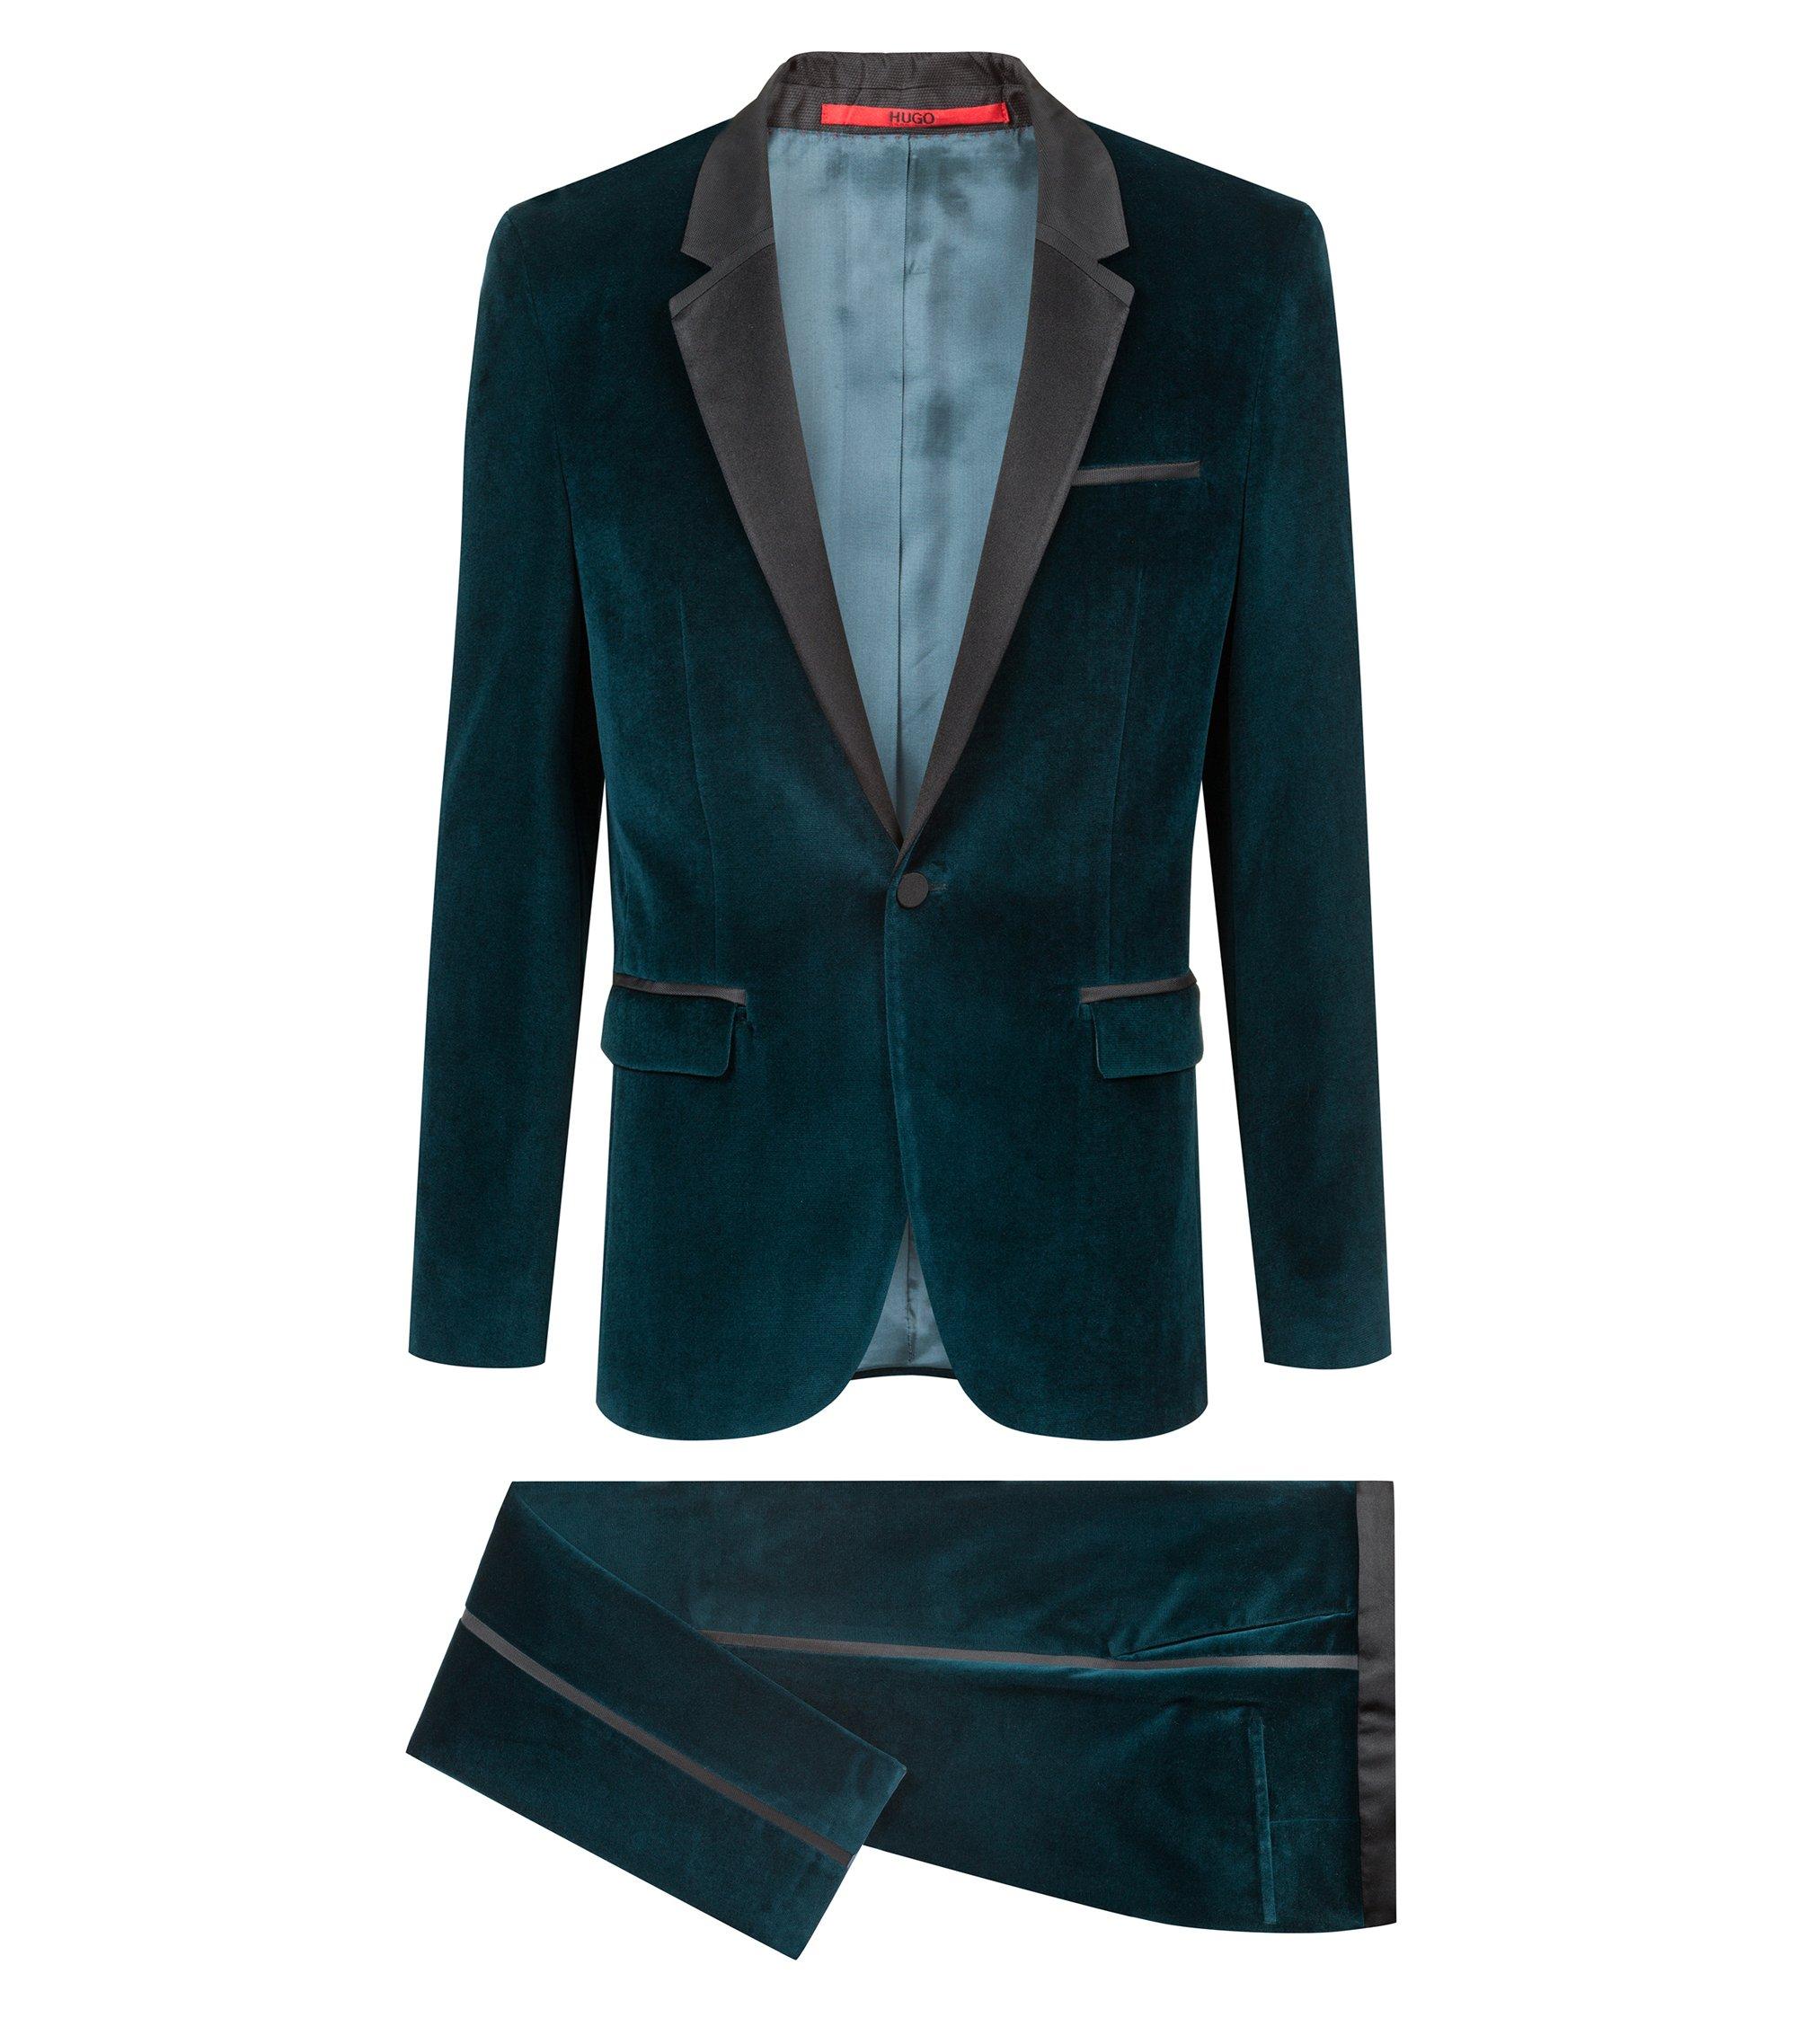 Extra Slim-Fit Anzug aus Samt mit Seiden-Details, Dunkelgrün